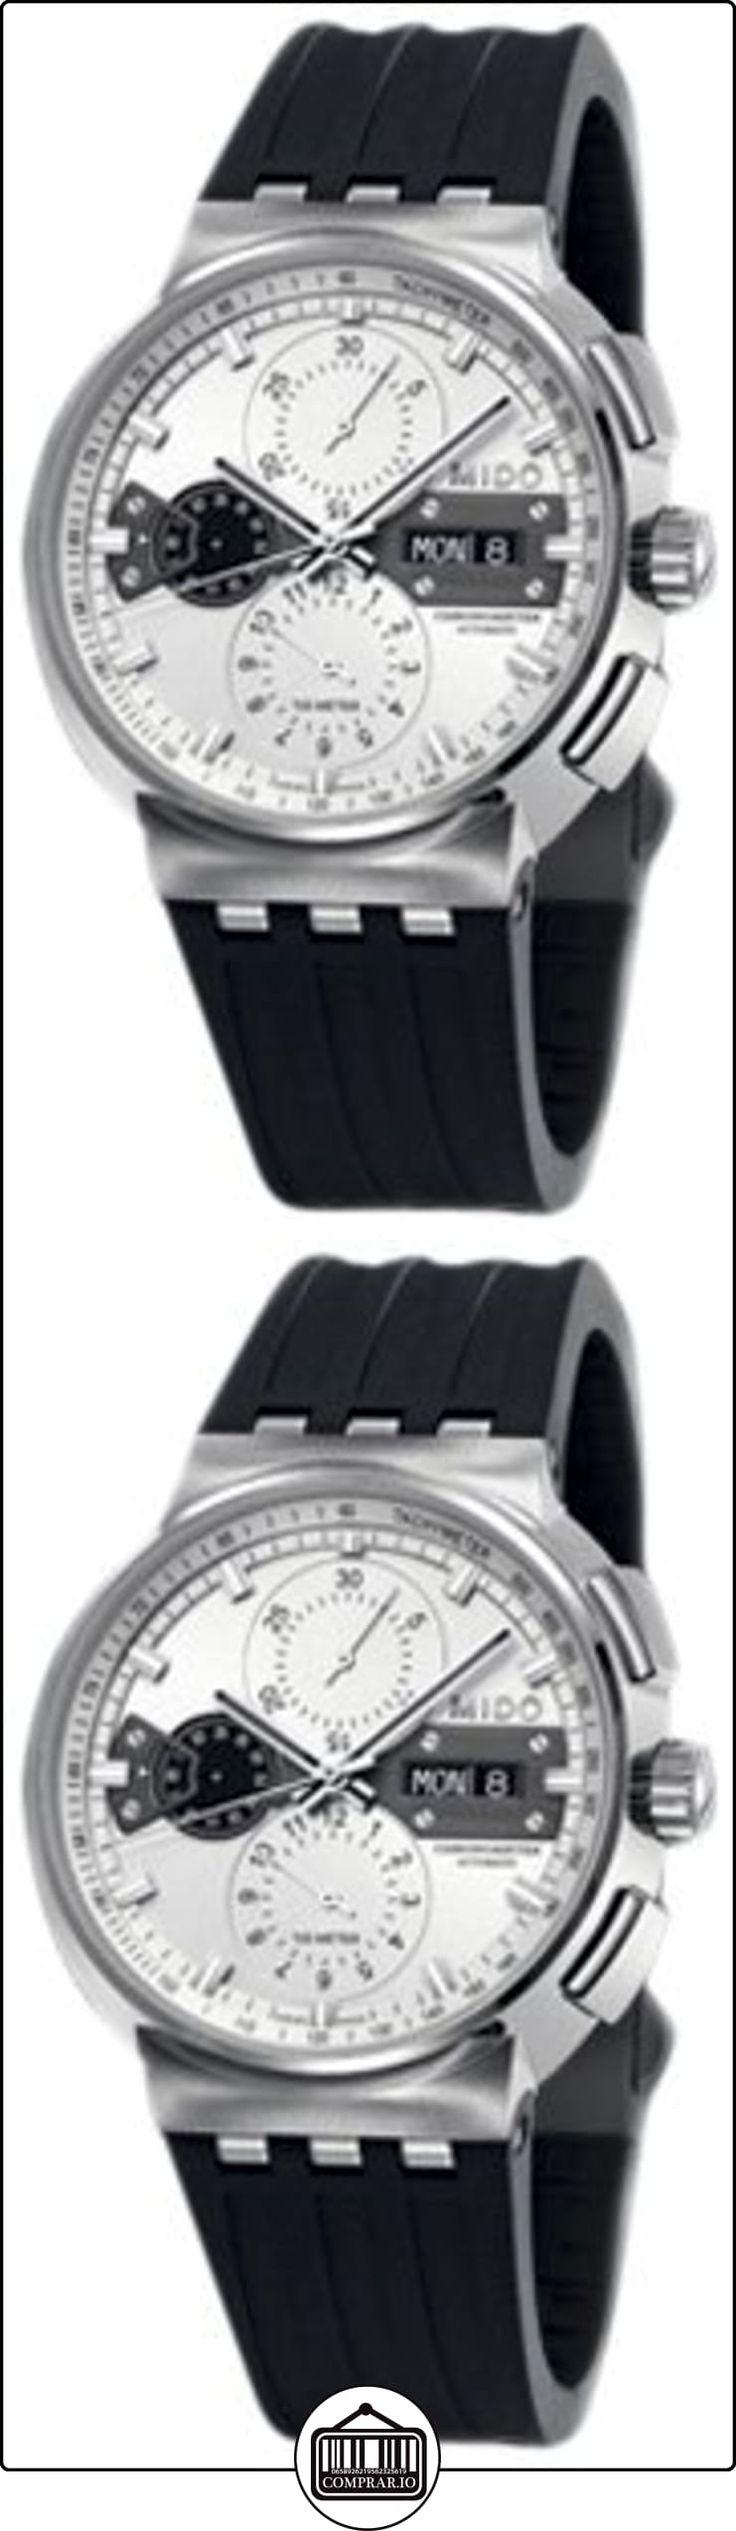 Reloj Mido caballero M0066151703100  ✿ Relojes para hombre - (Lujo) ✿